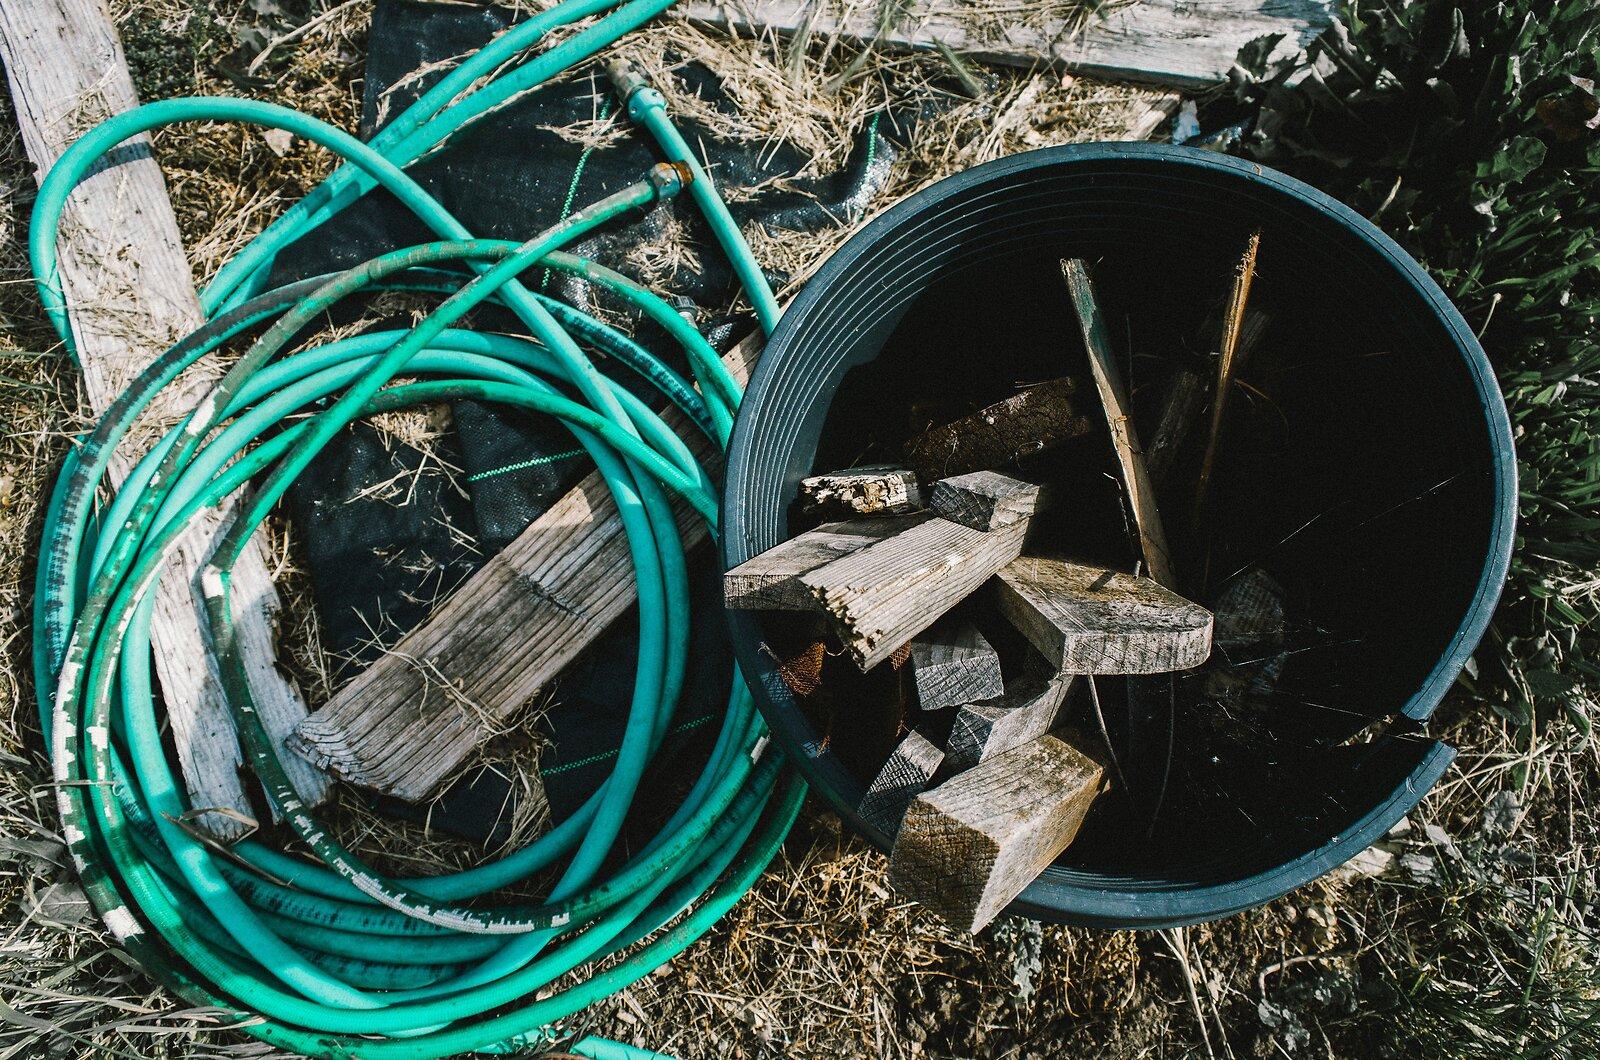 GRII_May25_Hose+bucket(EKportra).jpg